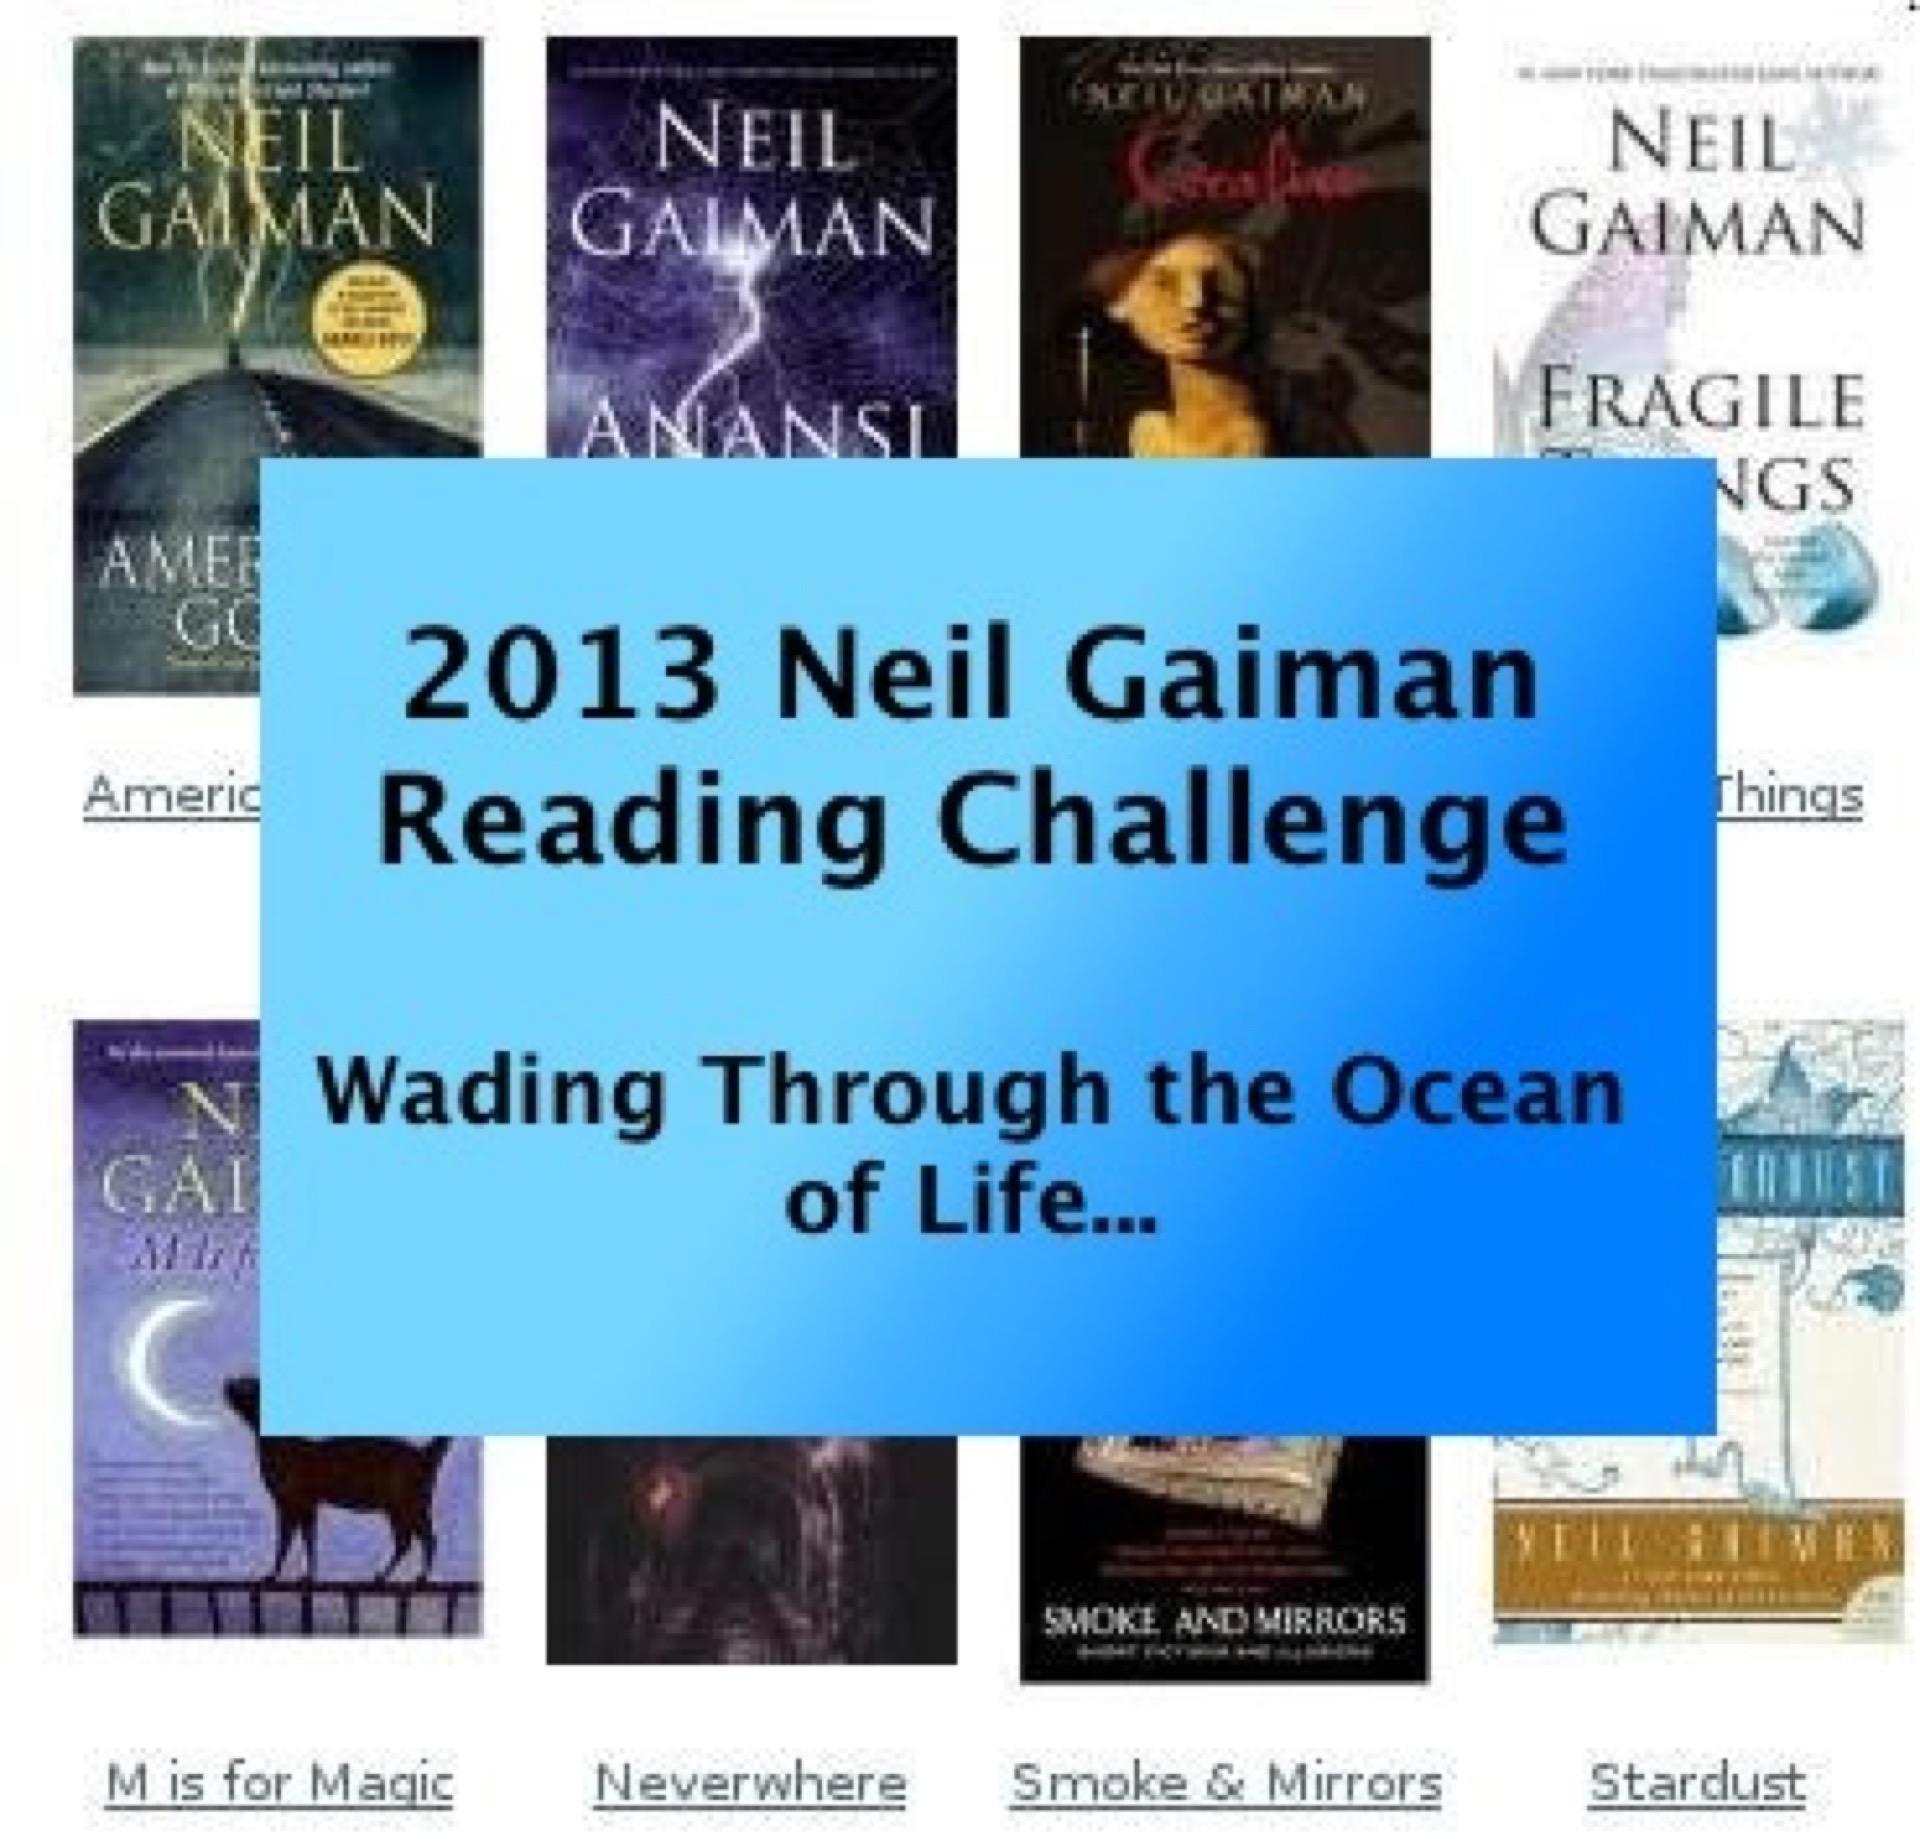 Neil-Gaiman (1920).jpg